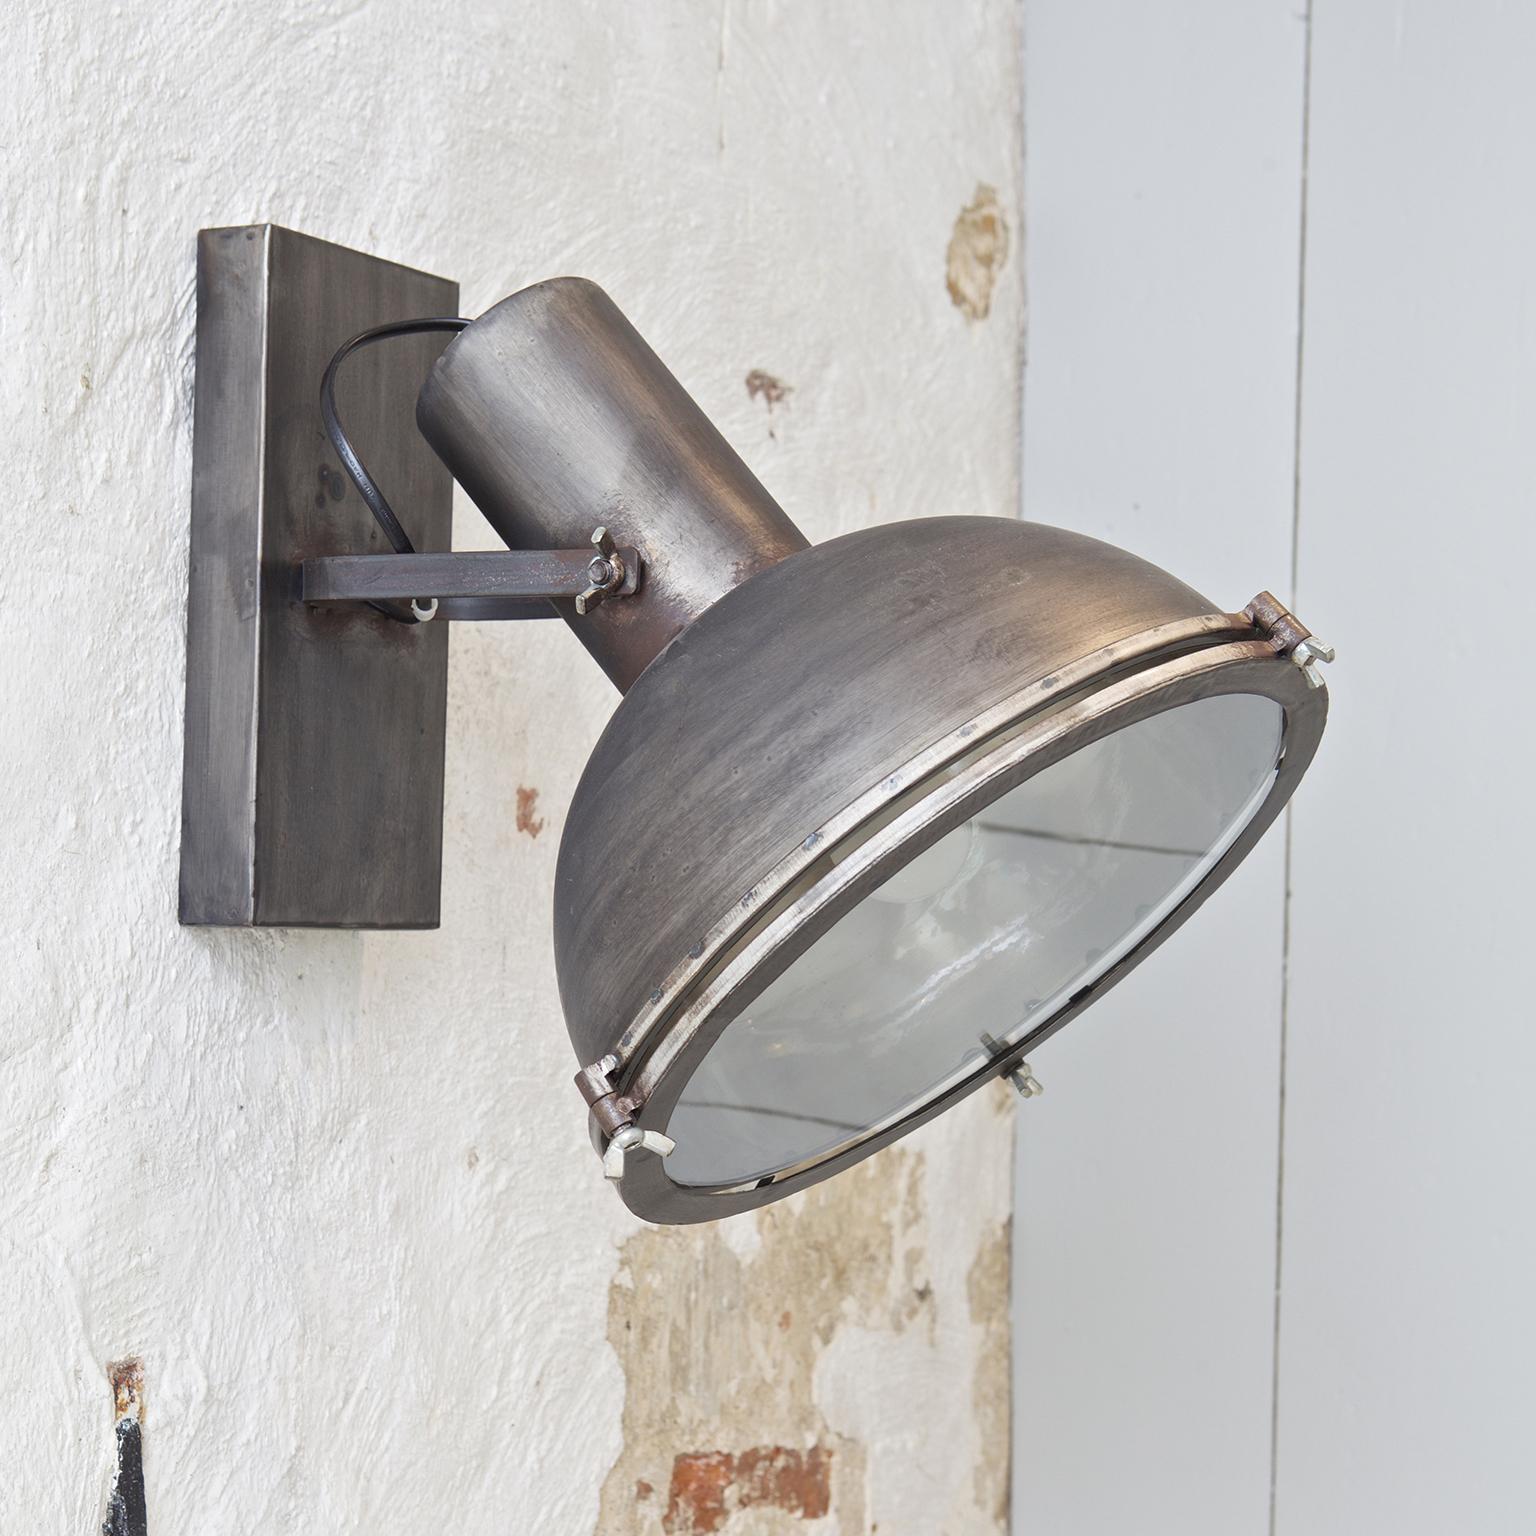 BePureHome Wandlamp 'Spotlight' Metaal Verlichting   Wandlampen kopen